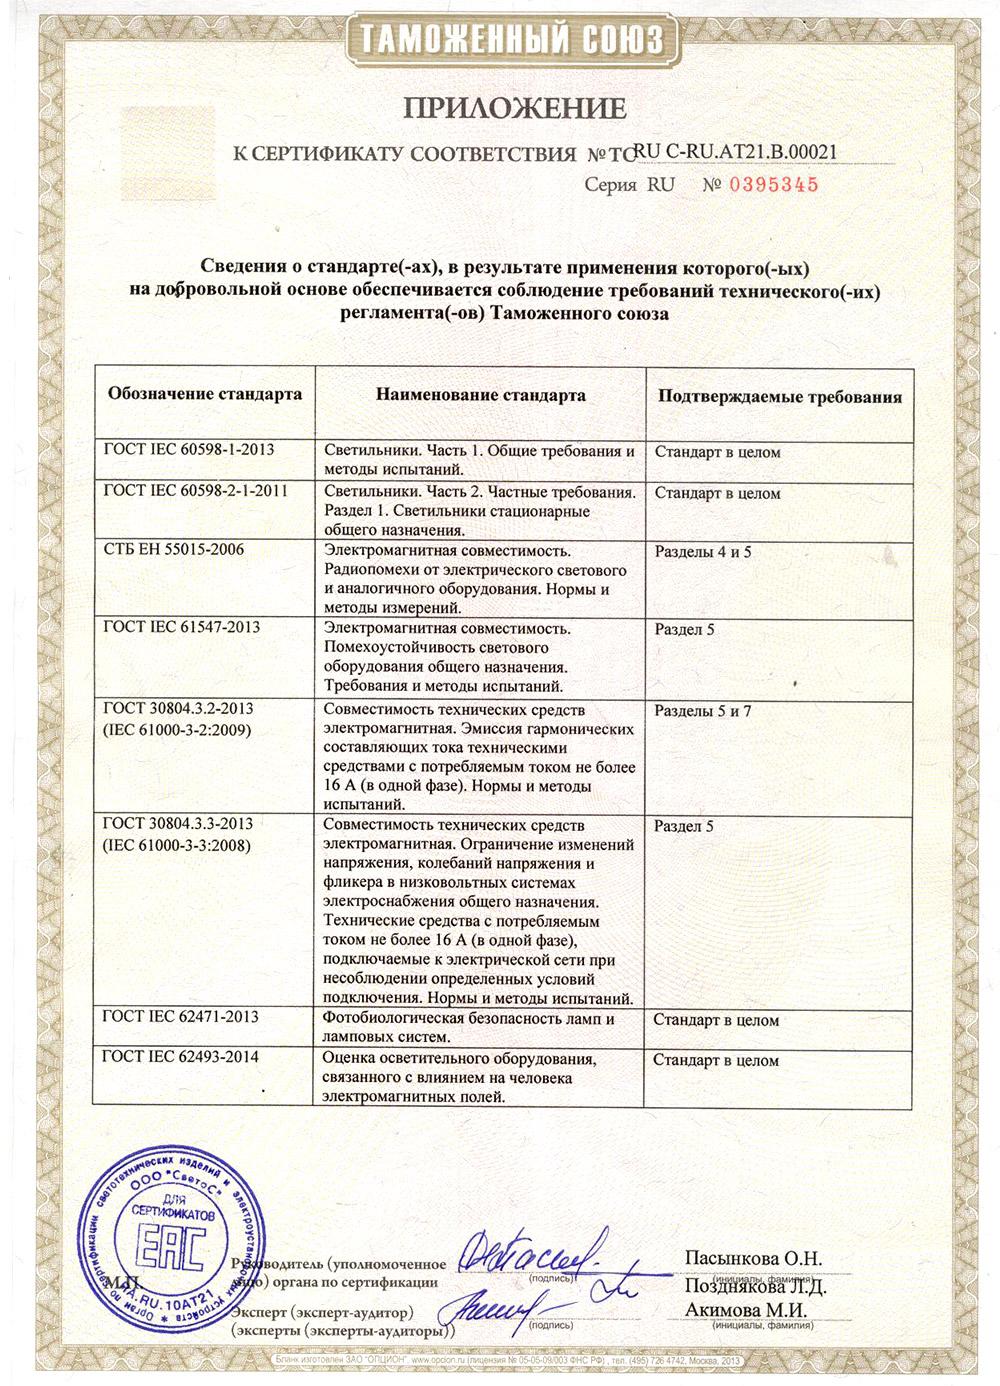 Сертификат соответствия Таможенного союза на светильники УНИС. Приложение